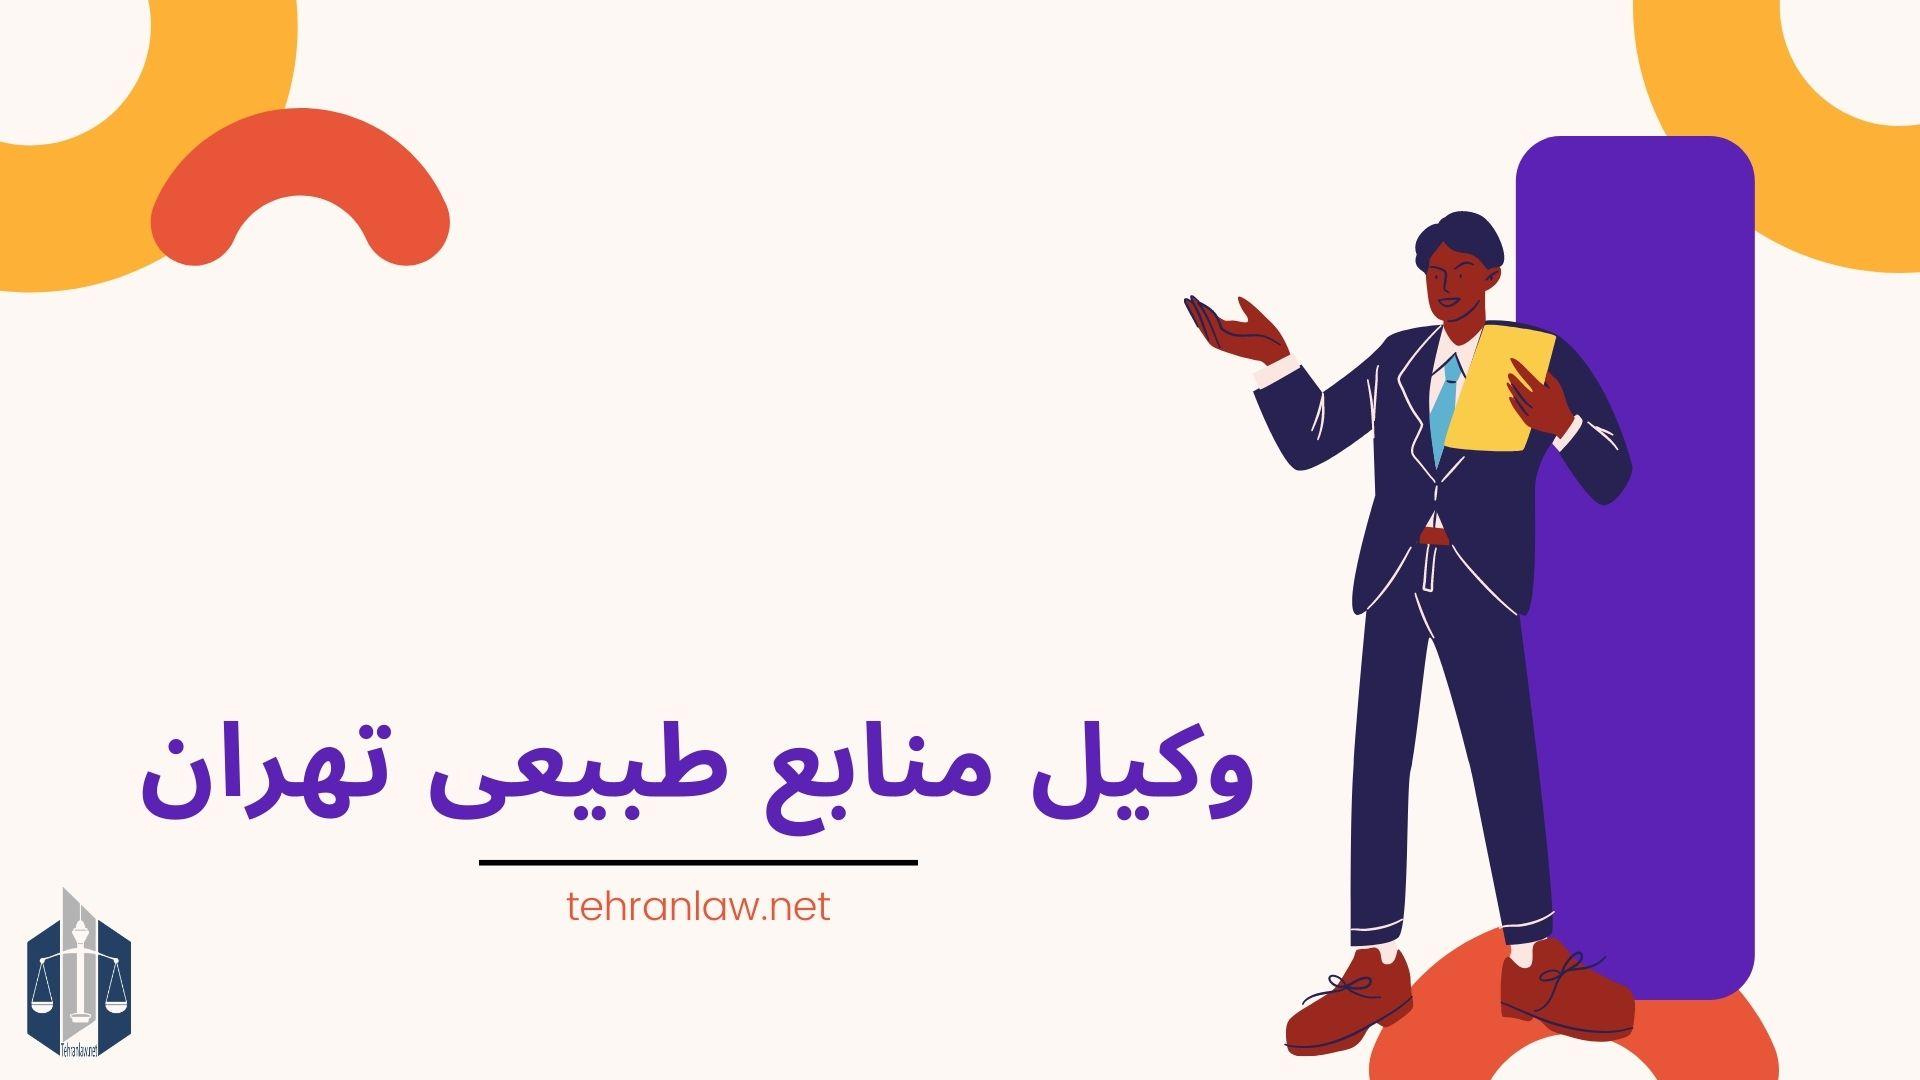 وکیل منابع طبیعی تهران